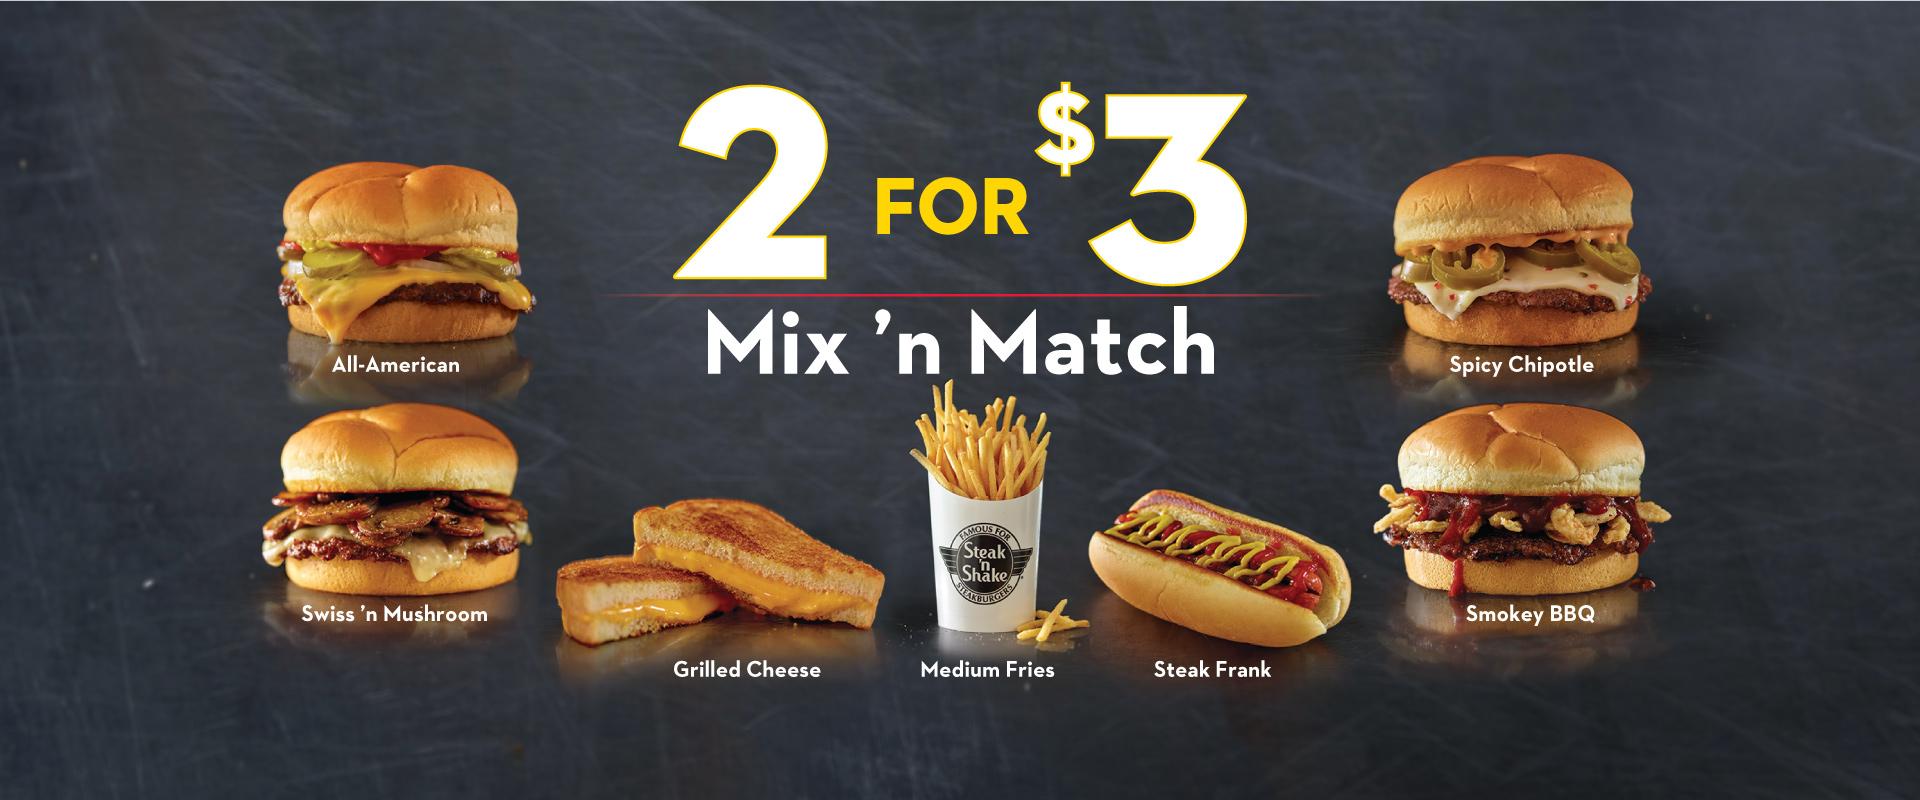 2 for $3 Value Menu